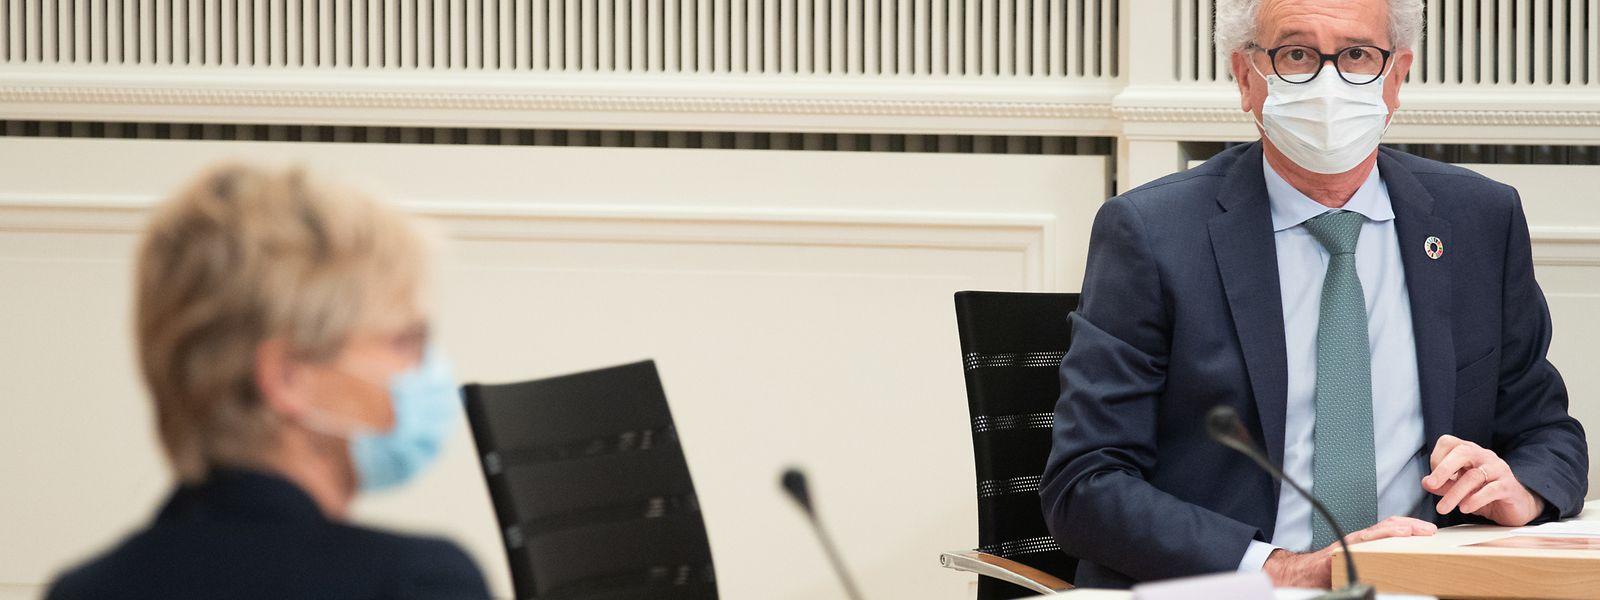 Martine Hansen (CSV) reproche à Pierre Gramegna d'avoir trop dépensé dans les années précédentes, d'où un recours à la dette plus important l'an prochain.